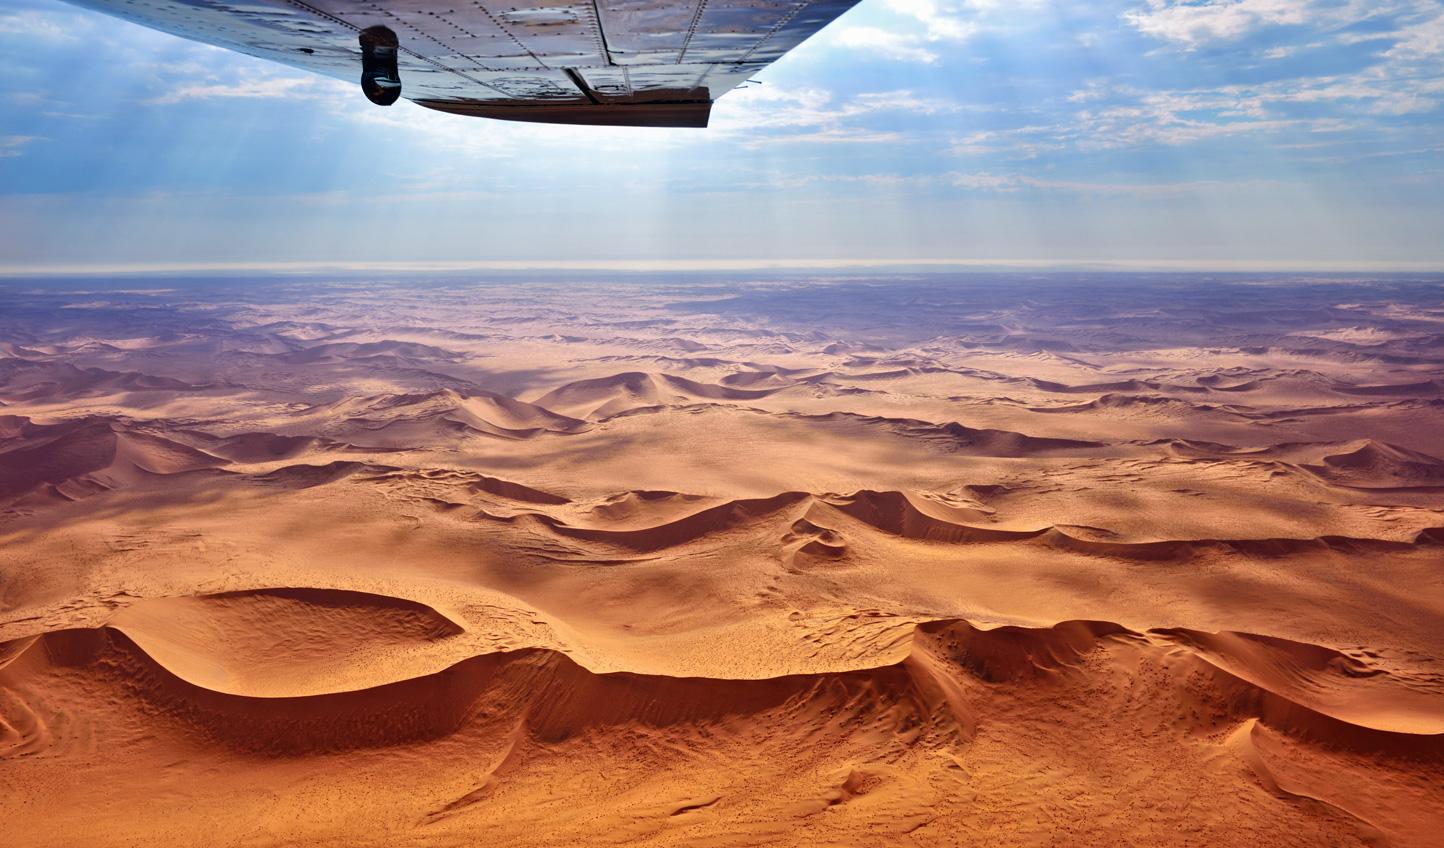 Soar above the Namib Desert